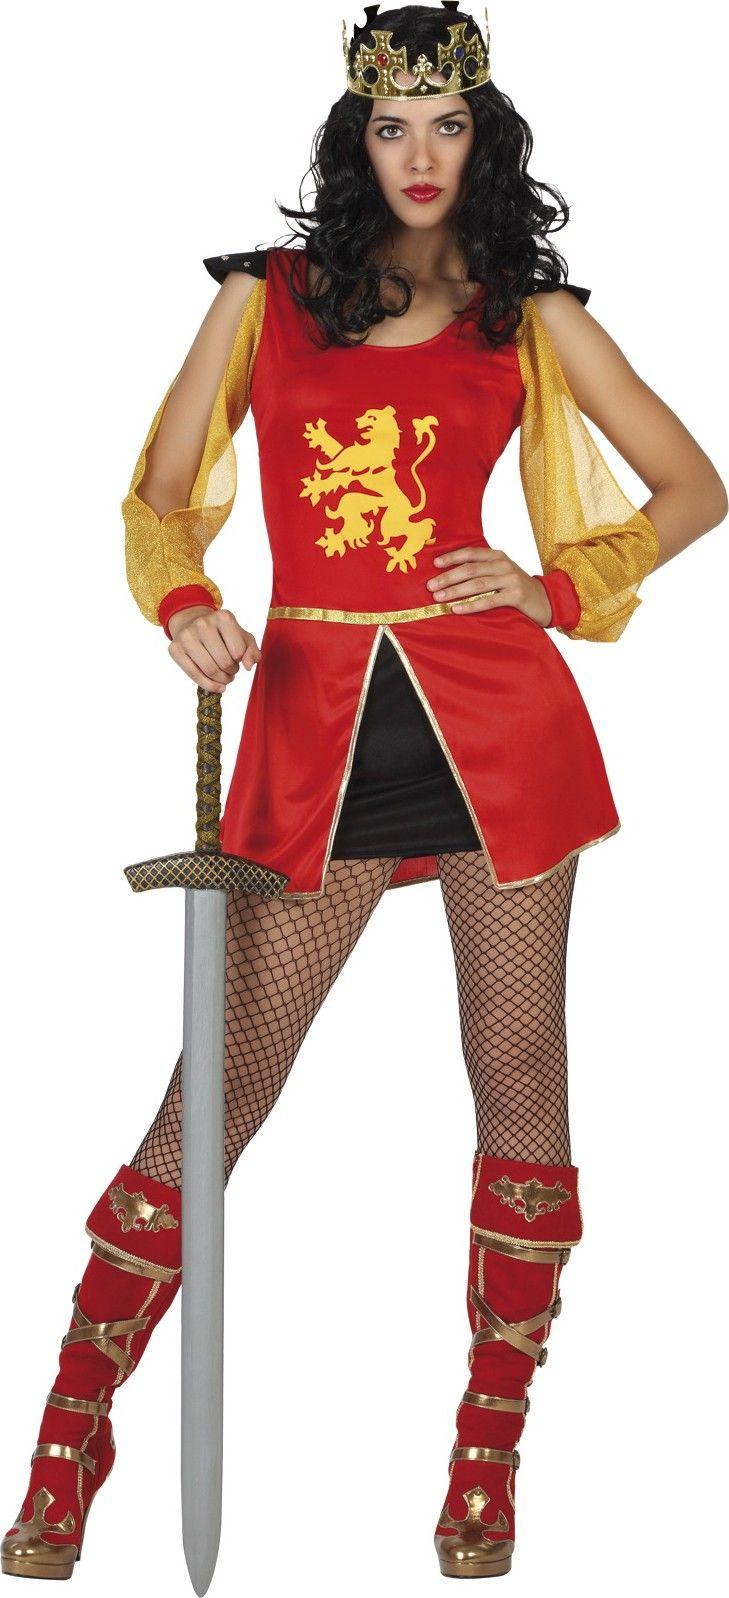 Ridder kostuum voor vrouwen Echt leuk   Dit ridder pak voor dames bevat een jurk.  Let op: Kroon, panty, zwaard en schoenen niet inbegrepen.   De jurk is rood en kunt u gemakkelijk over het hoofd aantrekken.  Een goudkleurige rand is aanwezig aan de taille.  De onderkant van de jurk is twee kleurig: rood en zwart.  Een leeuw is geprint op de borstkas.   Zeer mooi voor een middeleeuws thema avond!